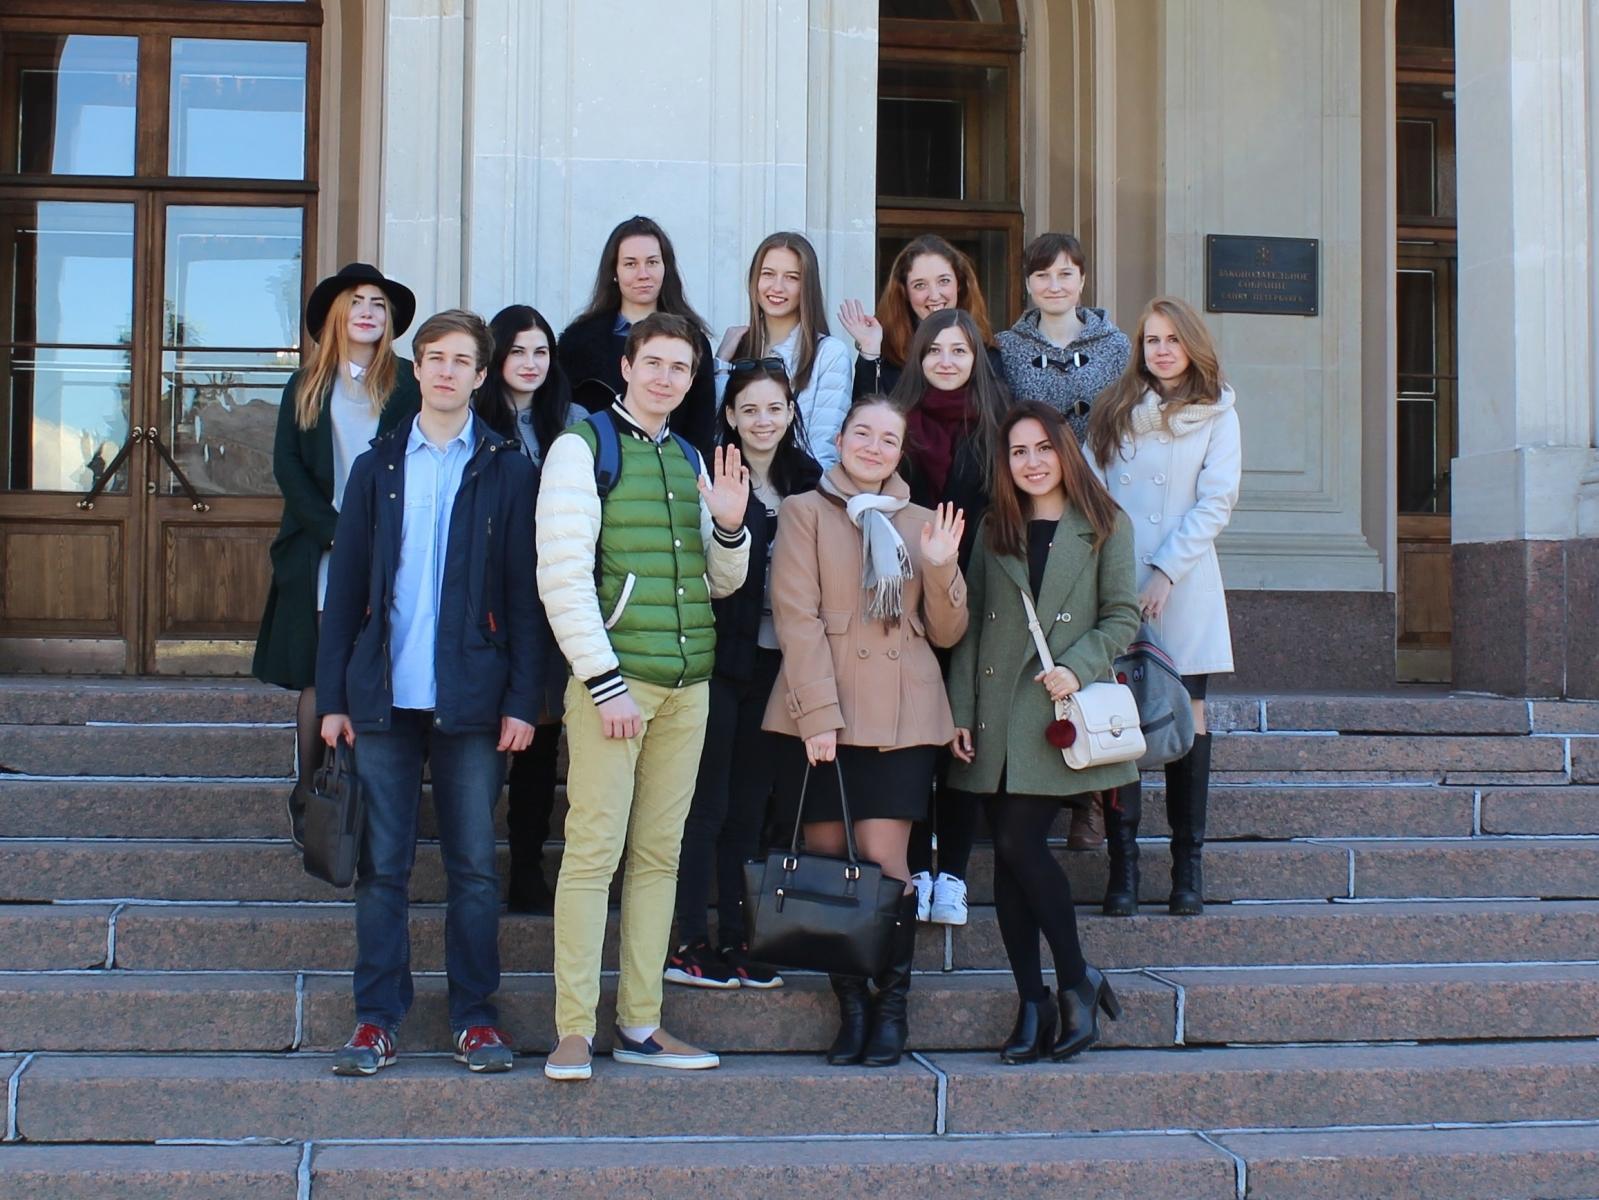 Студенты ВШГиФУ посетили Законодательное собрание Санкт-Петербурга